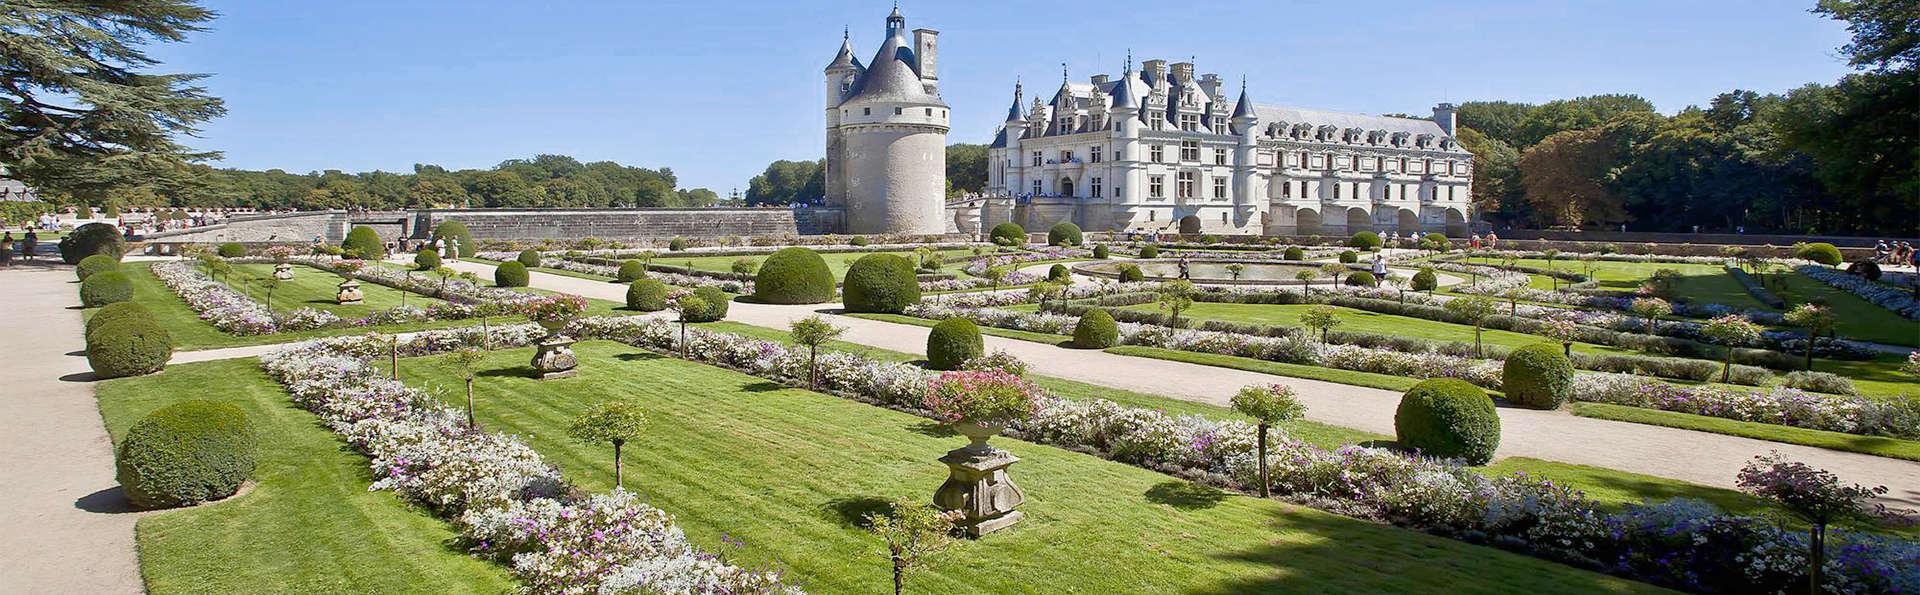 Découvrez 2 des célèbres châteaux de la Loire et dîner au cœur de Beaugency (2 nuits min)